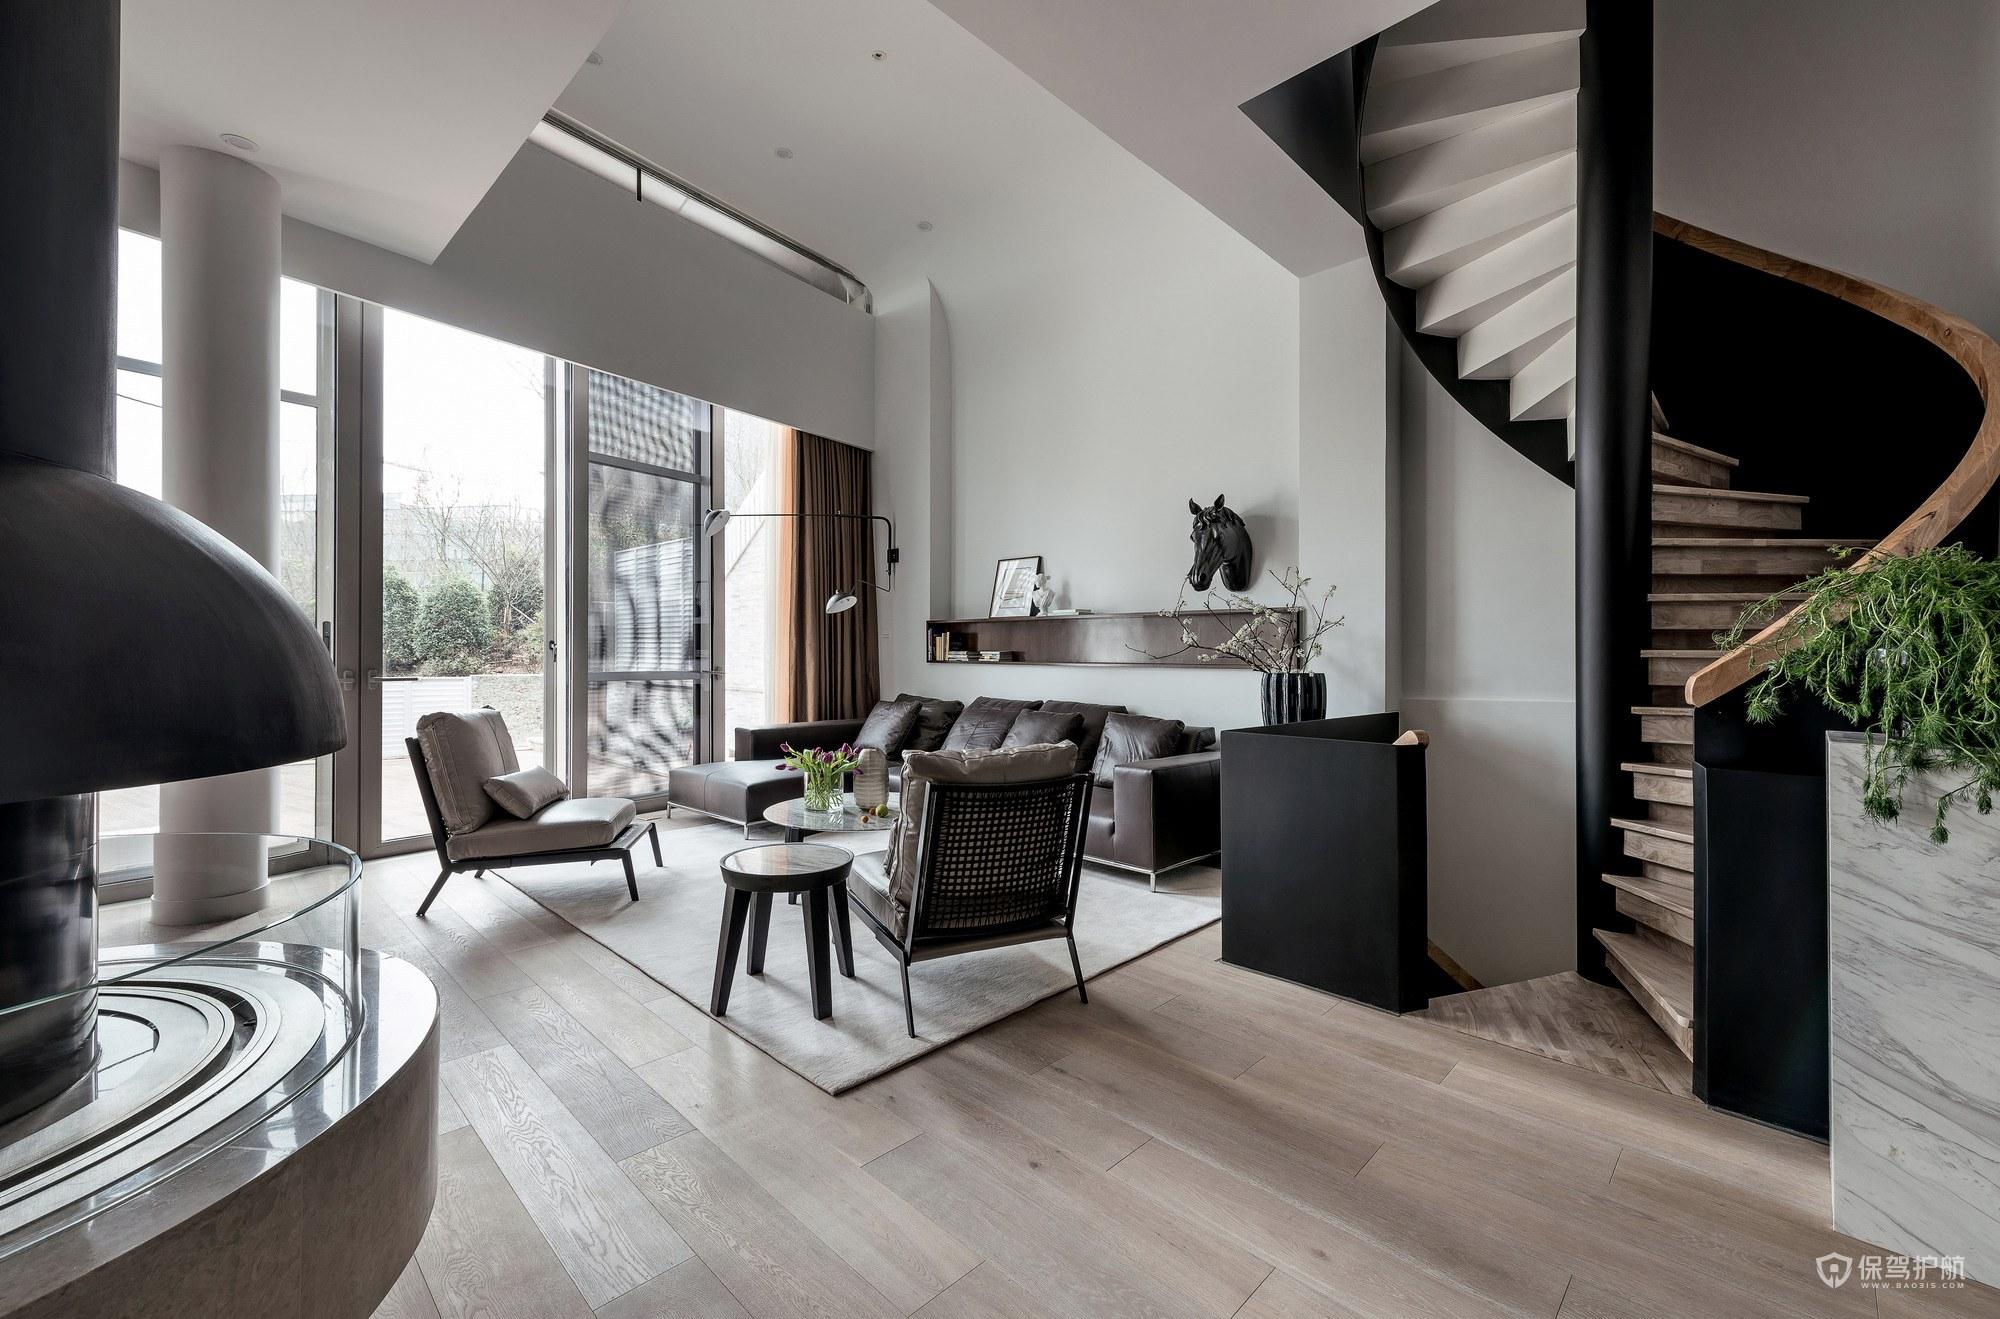 创意现代风格复式公寓客厅装修效果图…